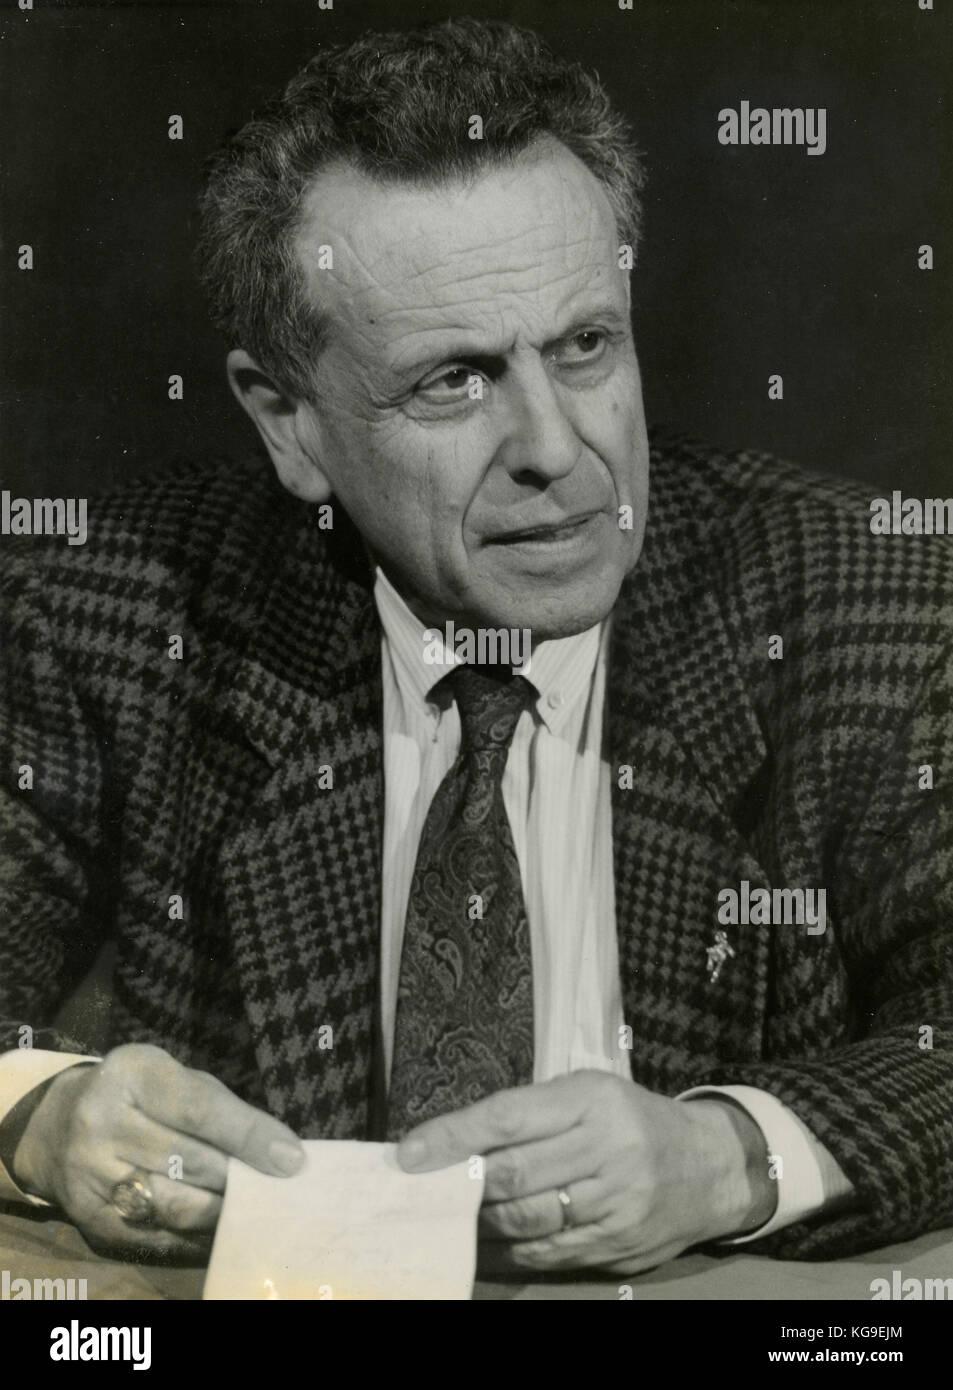 Italian Journalist Paolo Valenti